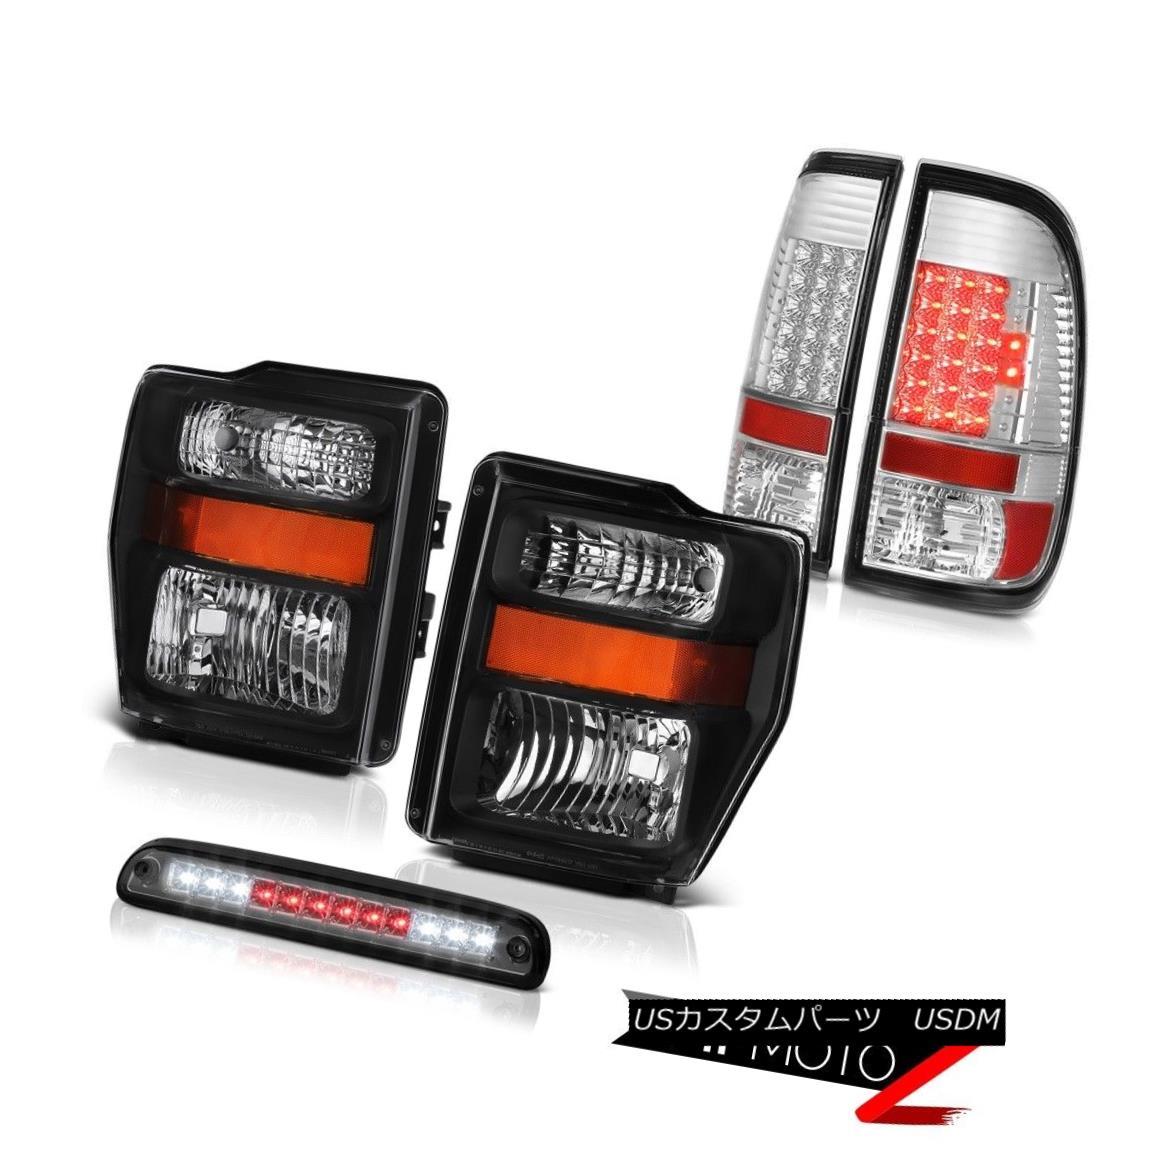 テールライト 08 09 10 F350 Power Stroke V8 Pair Black Headlights Brake Tail Lights High LED 08 09 10 F350パワーストロークV8ペアブラックヘッドライトブレーキテールライトHigh LED